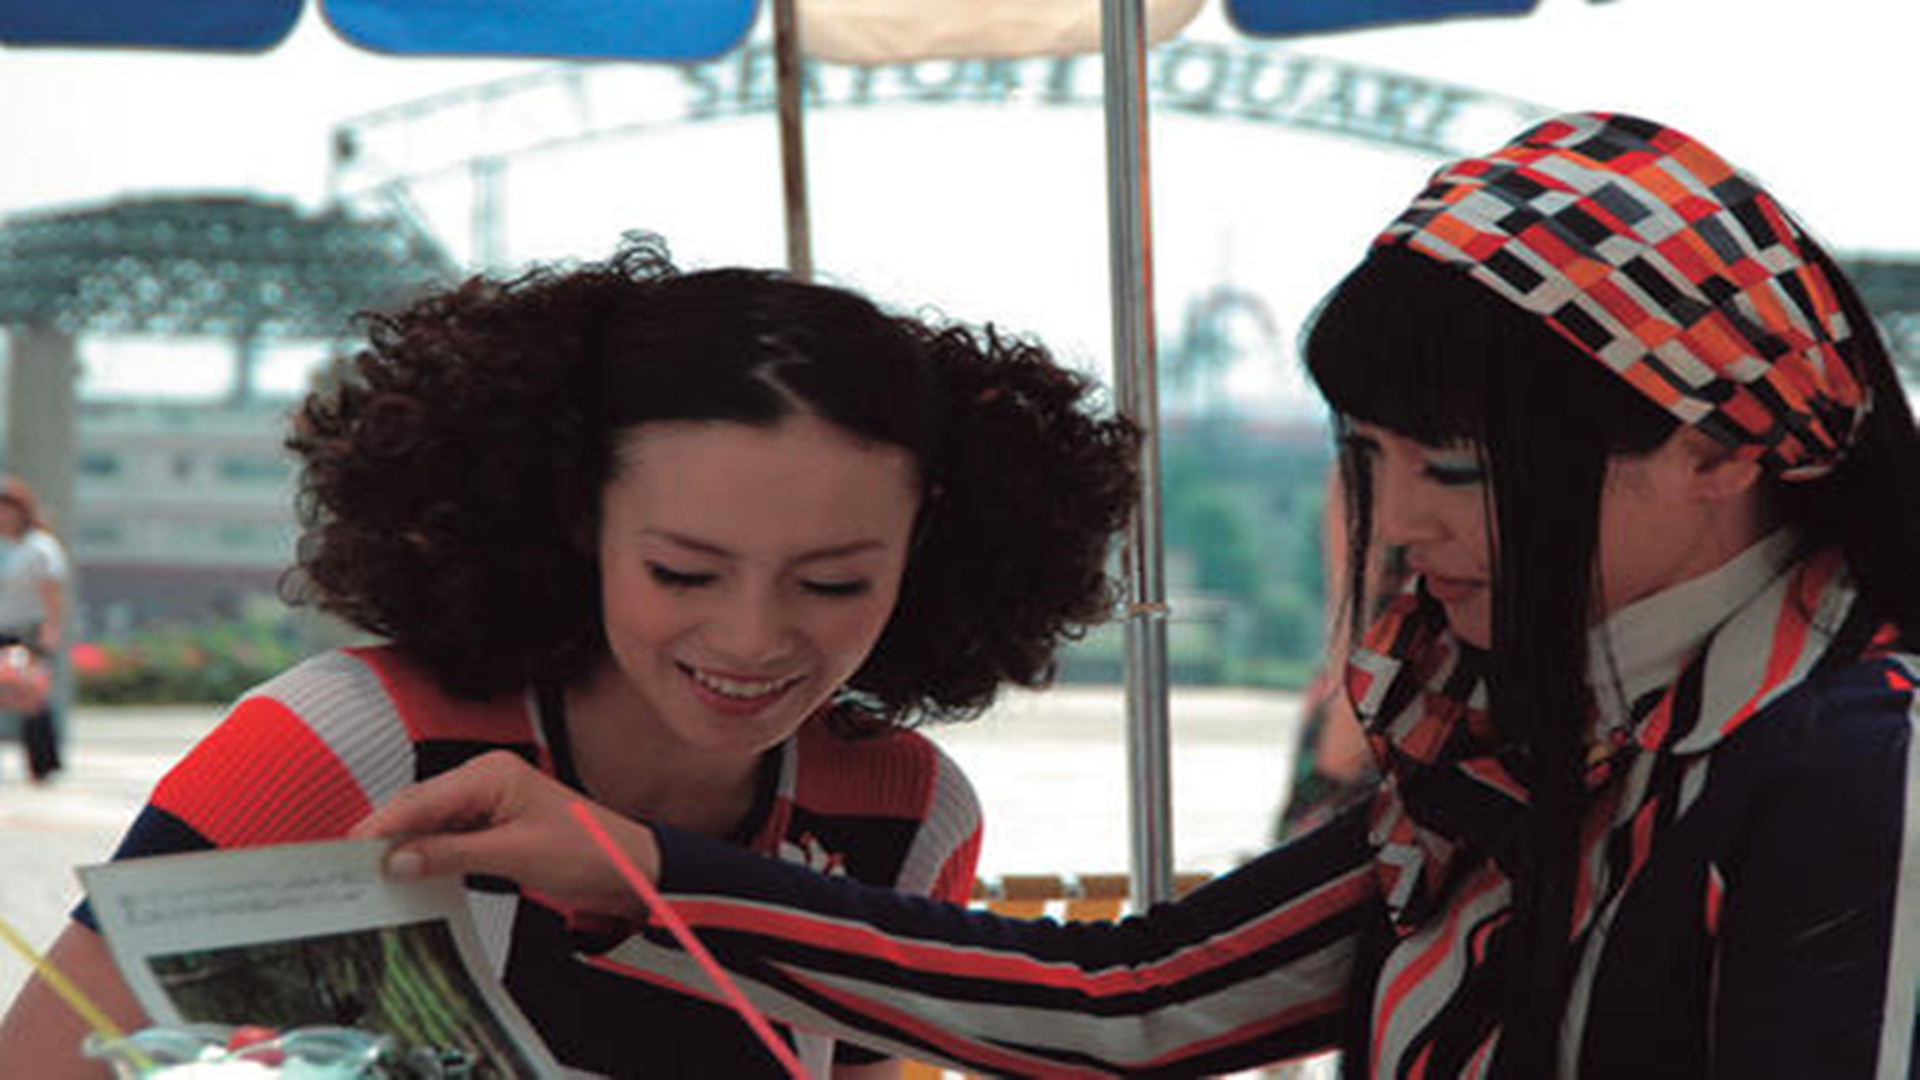 六部日本高分电影,口碑上乘,每一部都能给人心灵上的治愈